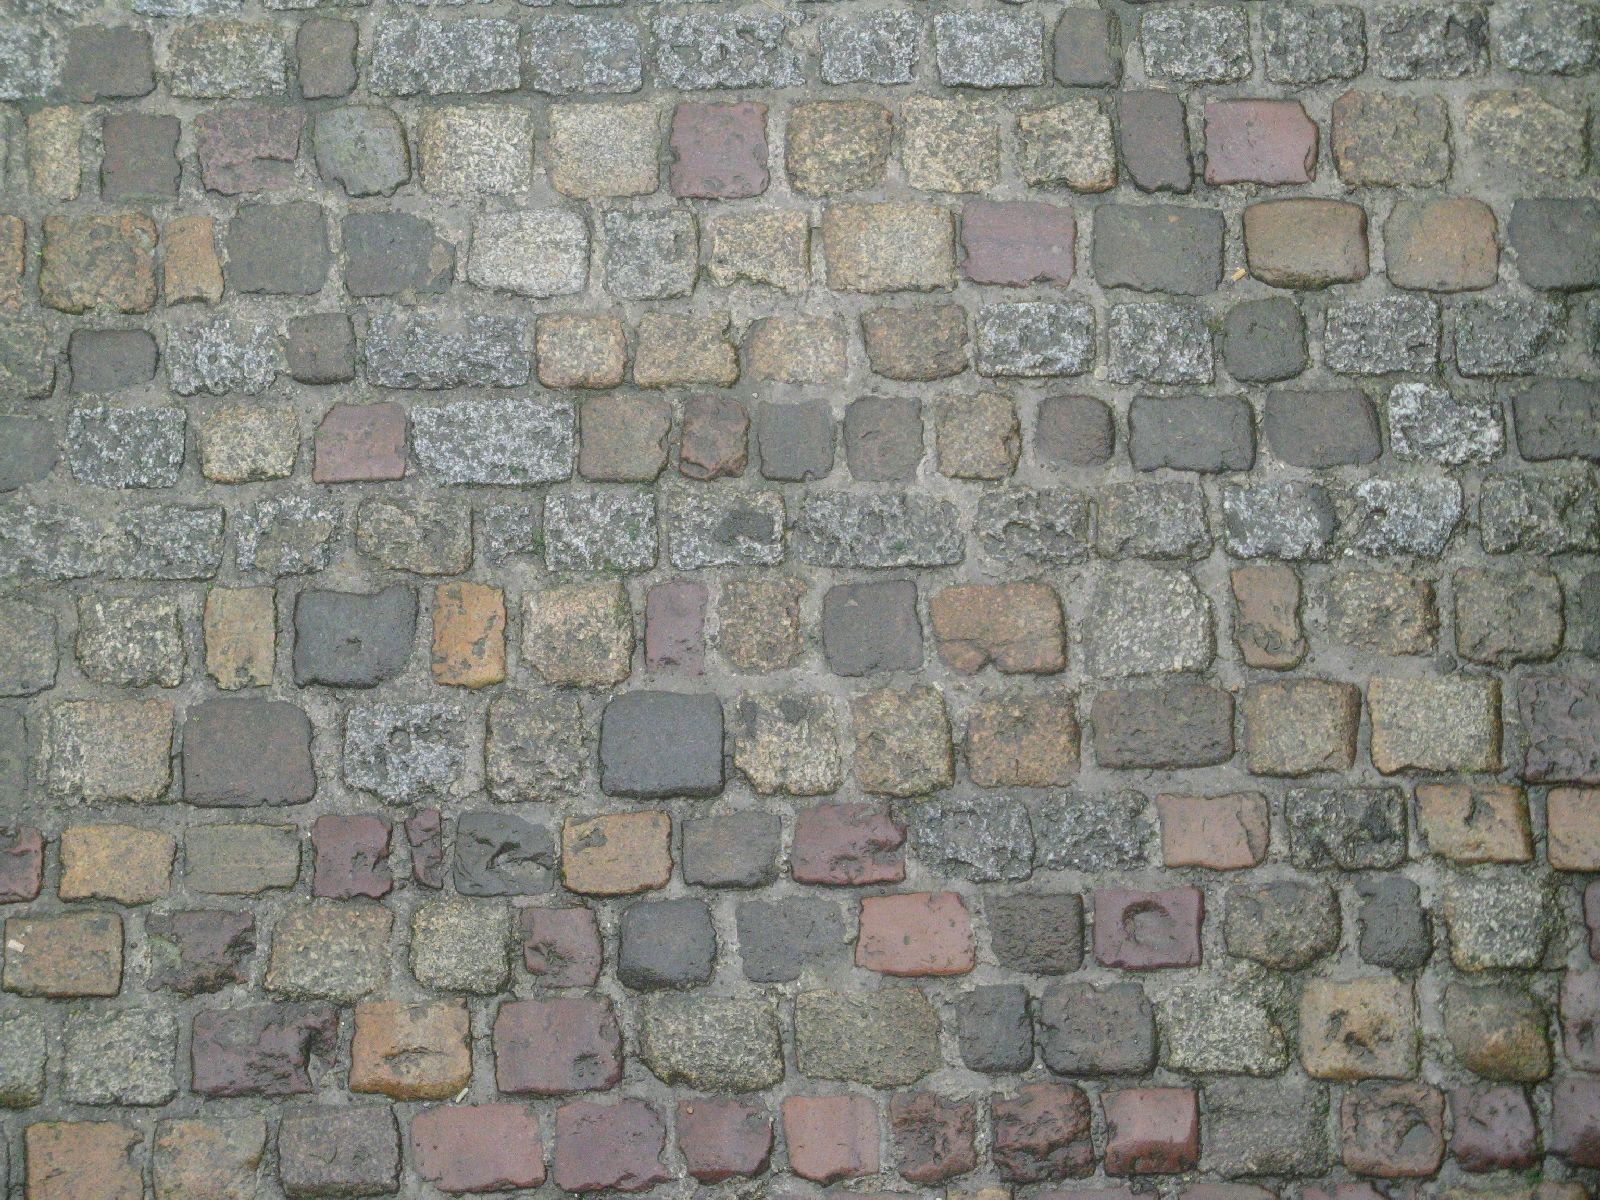 Boden-Gehweg-Strasse-Buergersteig-Textur_B_2465